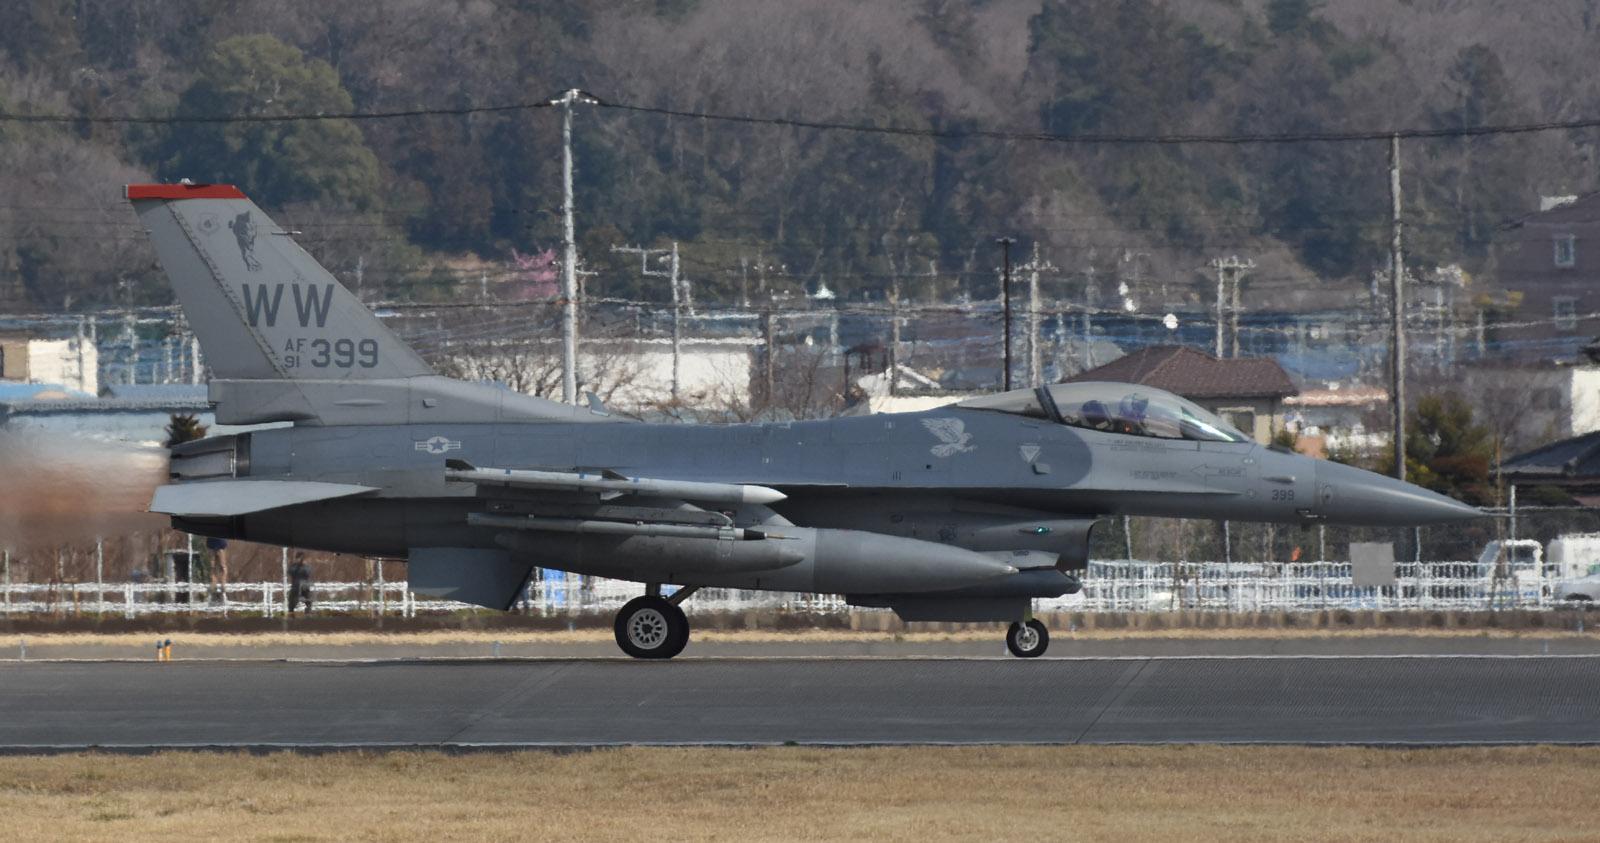 F16cm190312g021